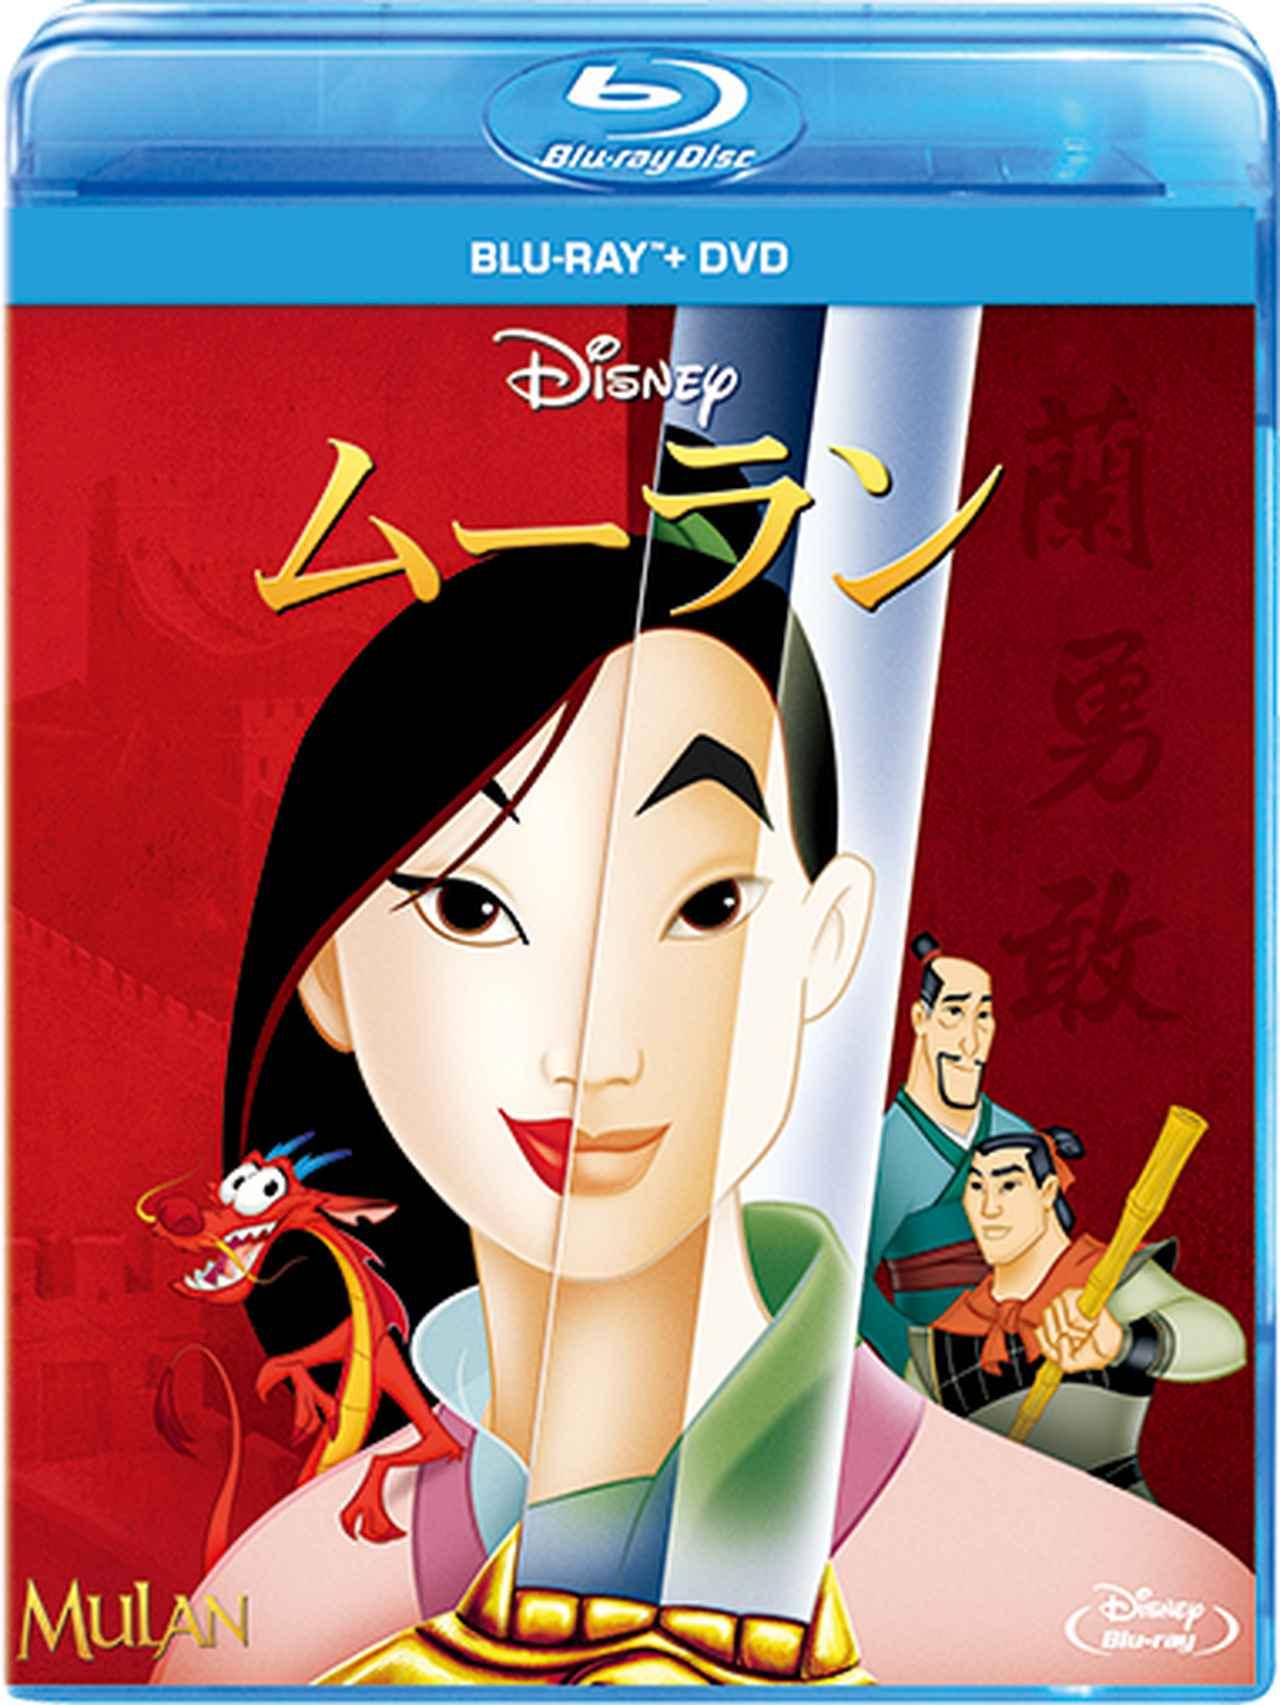 画像: 「ムーラン」 ブルーレイ+DVD発売中、デジタル配信中